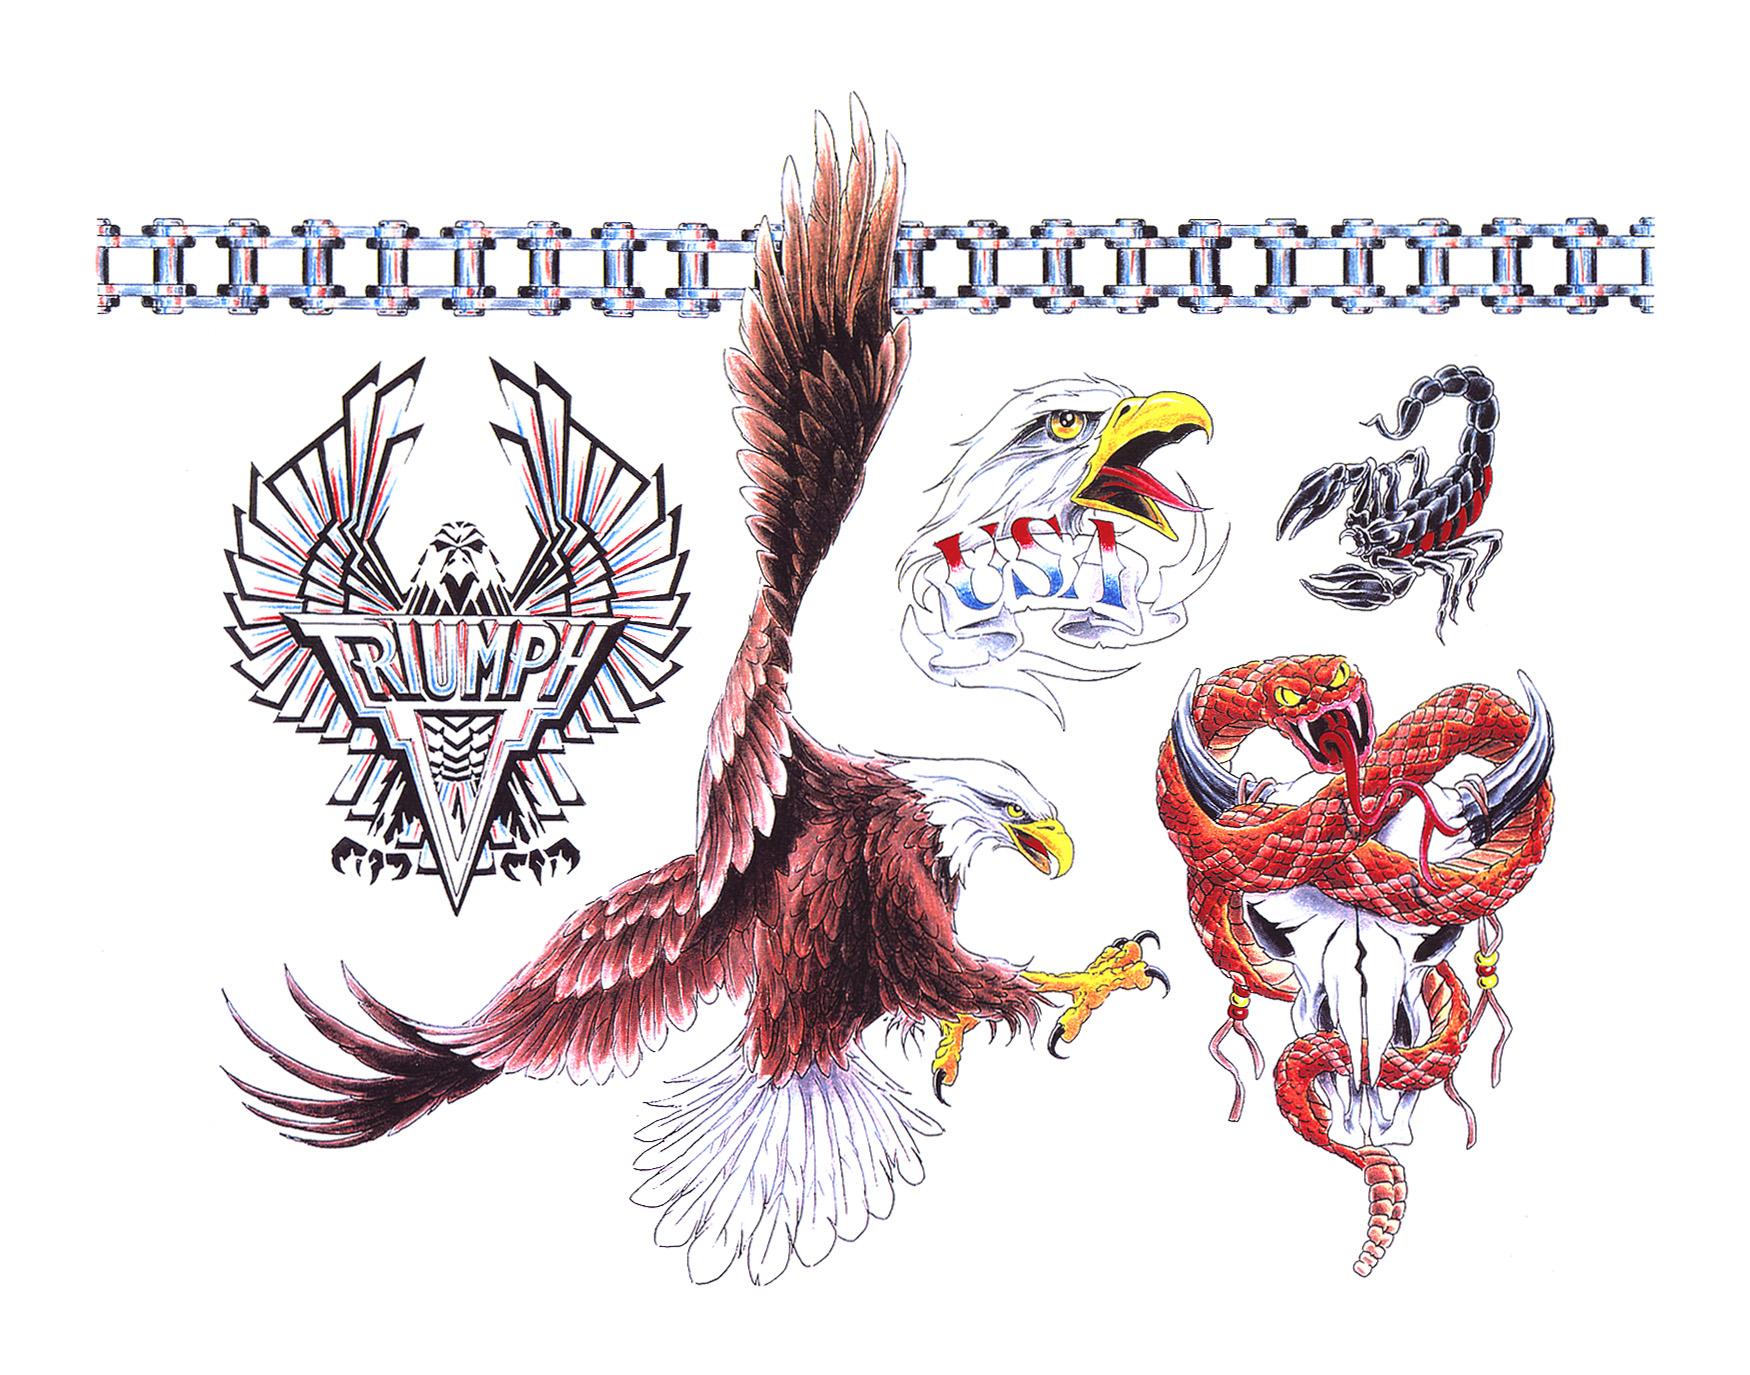 Catalogo Tattoo 2017 biker tattoo design - tattoo